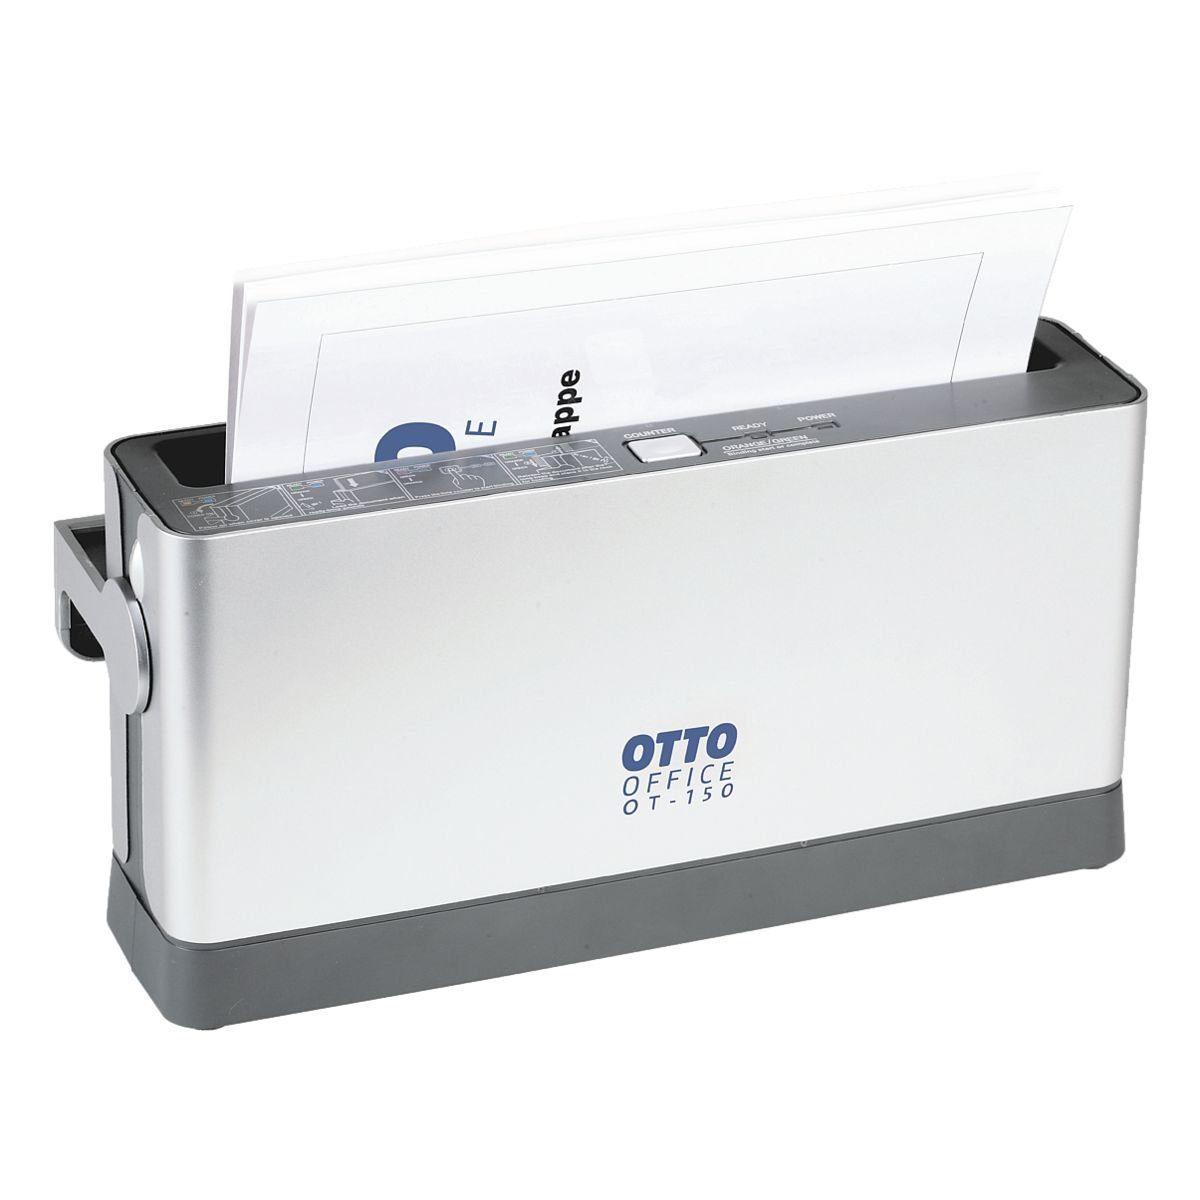 OTTO Office Standard Thermobindegerät »OT-150«